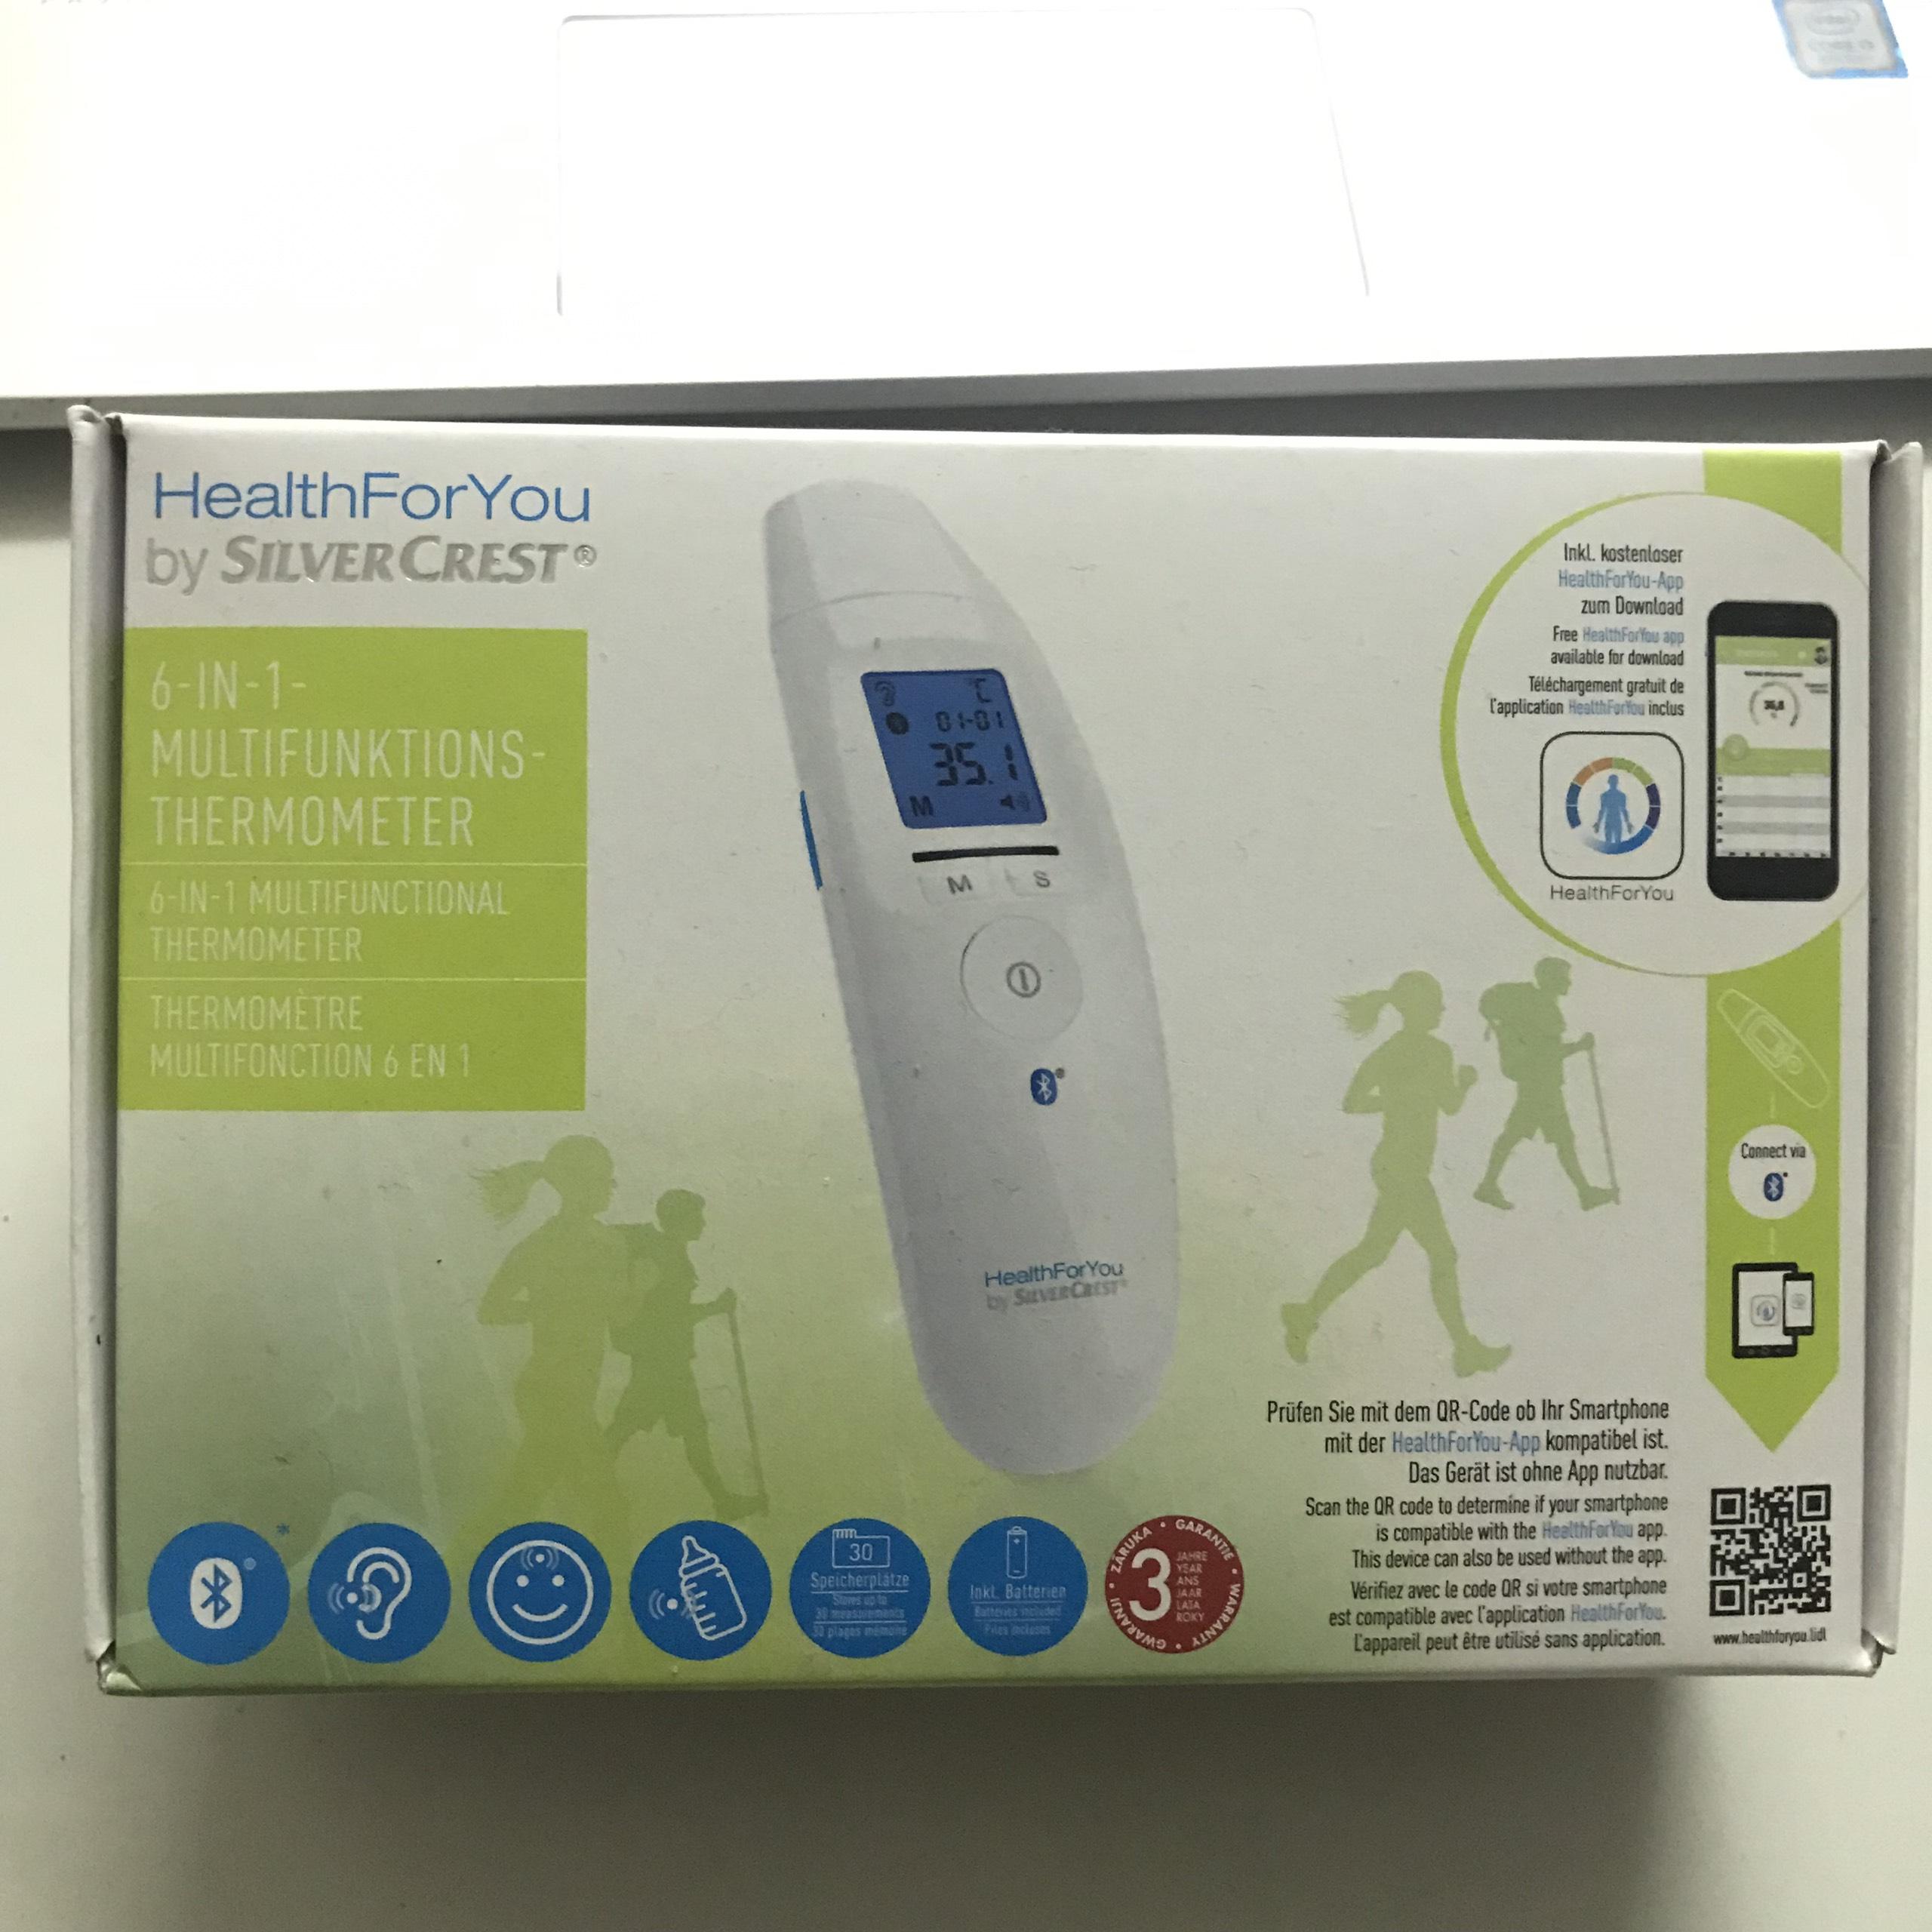 Máy Đo Nhiệt Kế Hồng Ngoại Đa Năng - Kết Quả Trong 1 Giây - Đo Nhiệt Độ Cho Bé - Đo nhiệt Độ Nước - Công nghệ Hiện Đại Kết Nối Bluetooth Bảo Hành Lỗi 1 Đổi 1 Trên Toàn Quốc. nhập khẩu